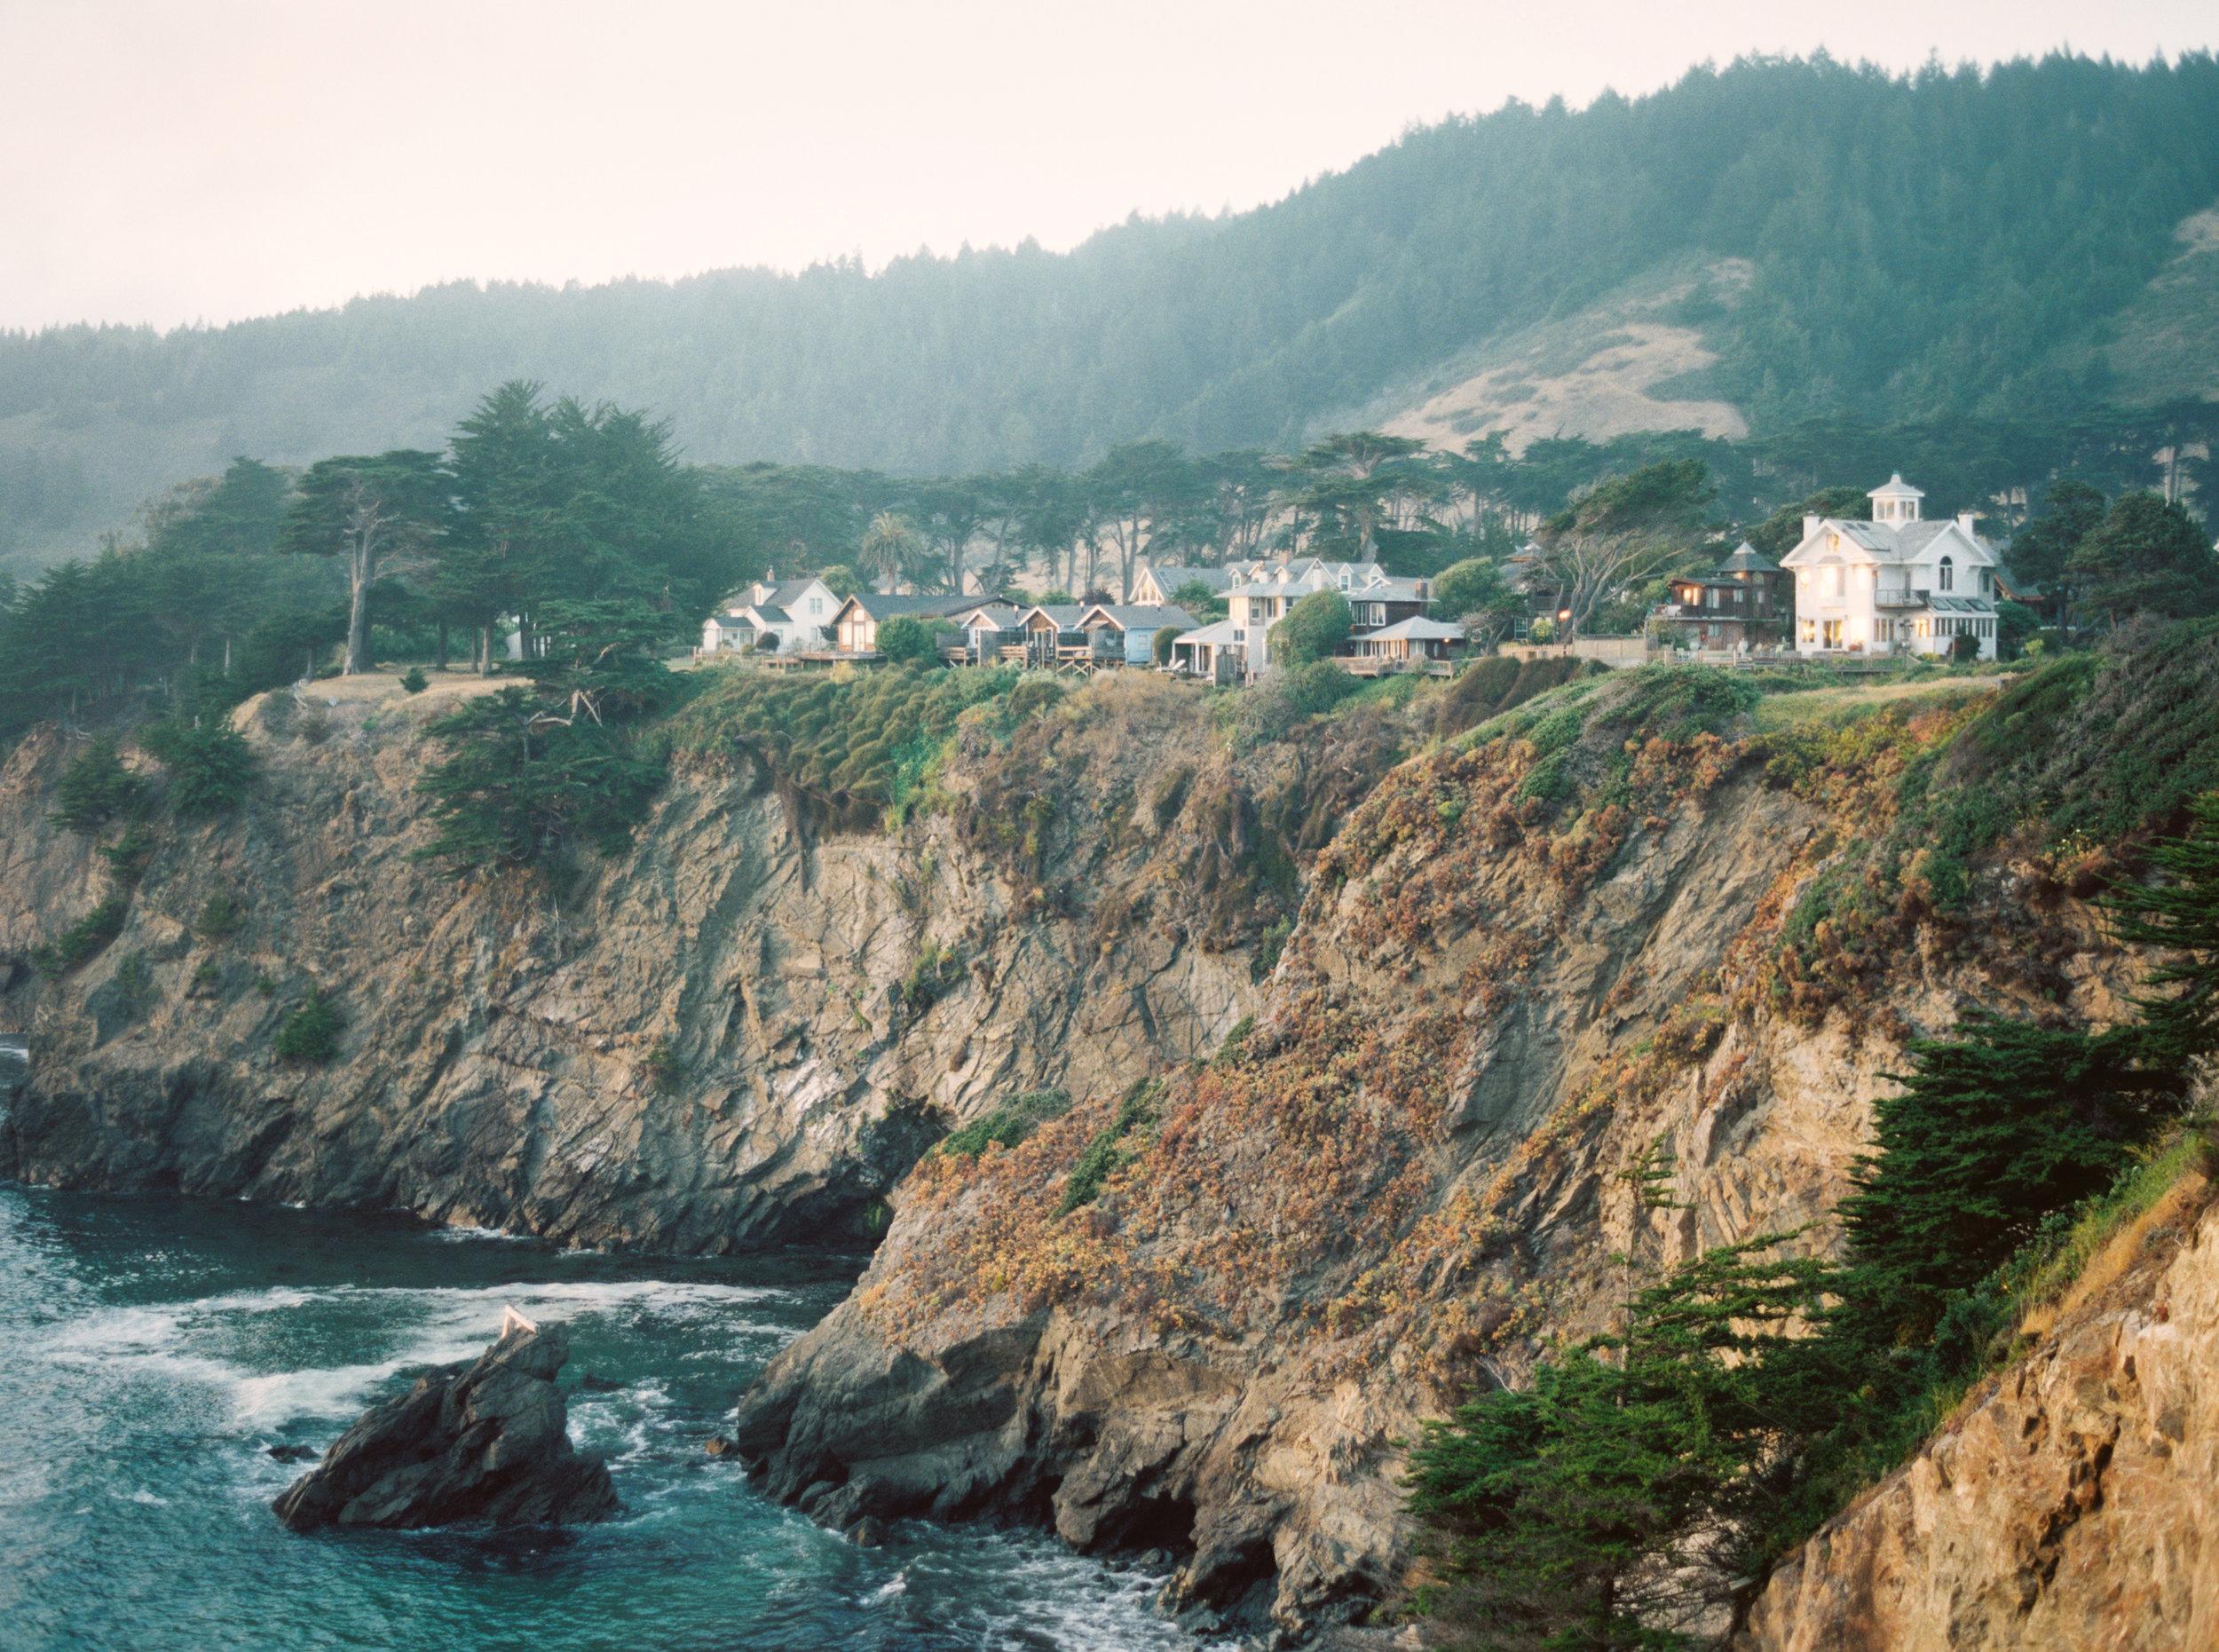 JenHuang-elk-california-32-8649_16.jpg